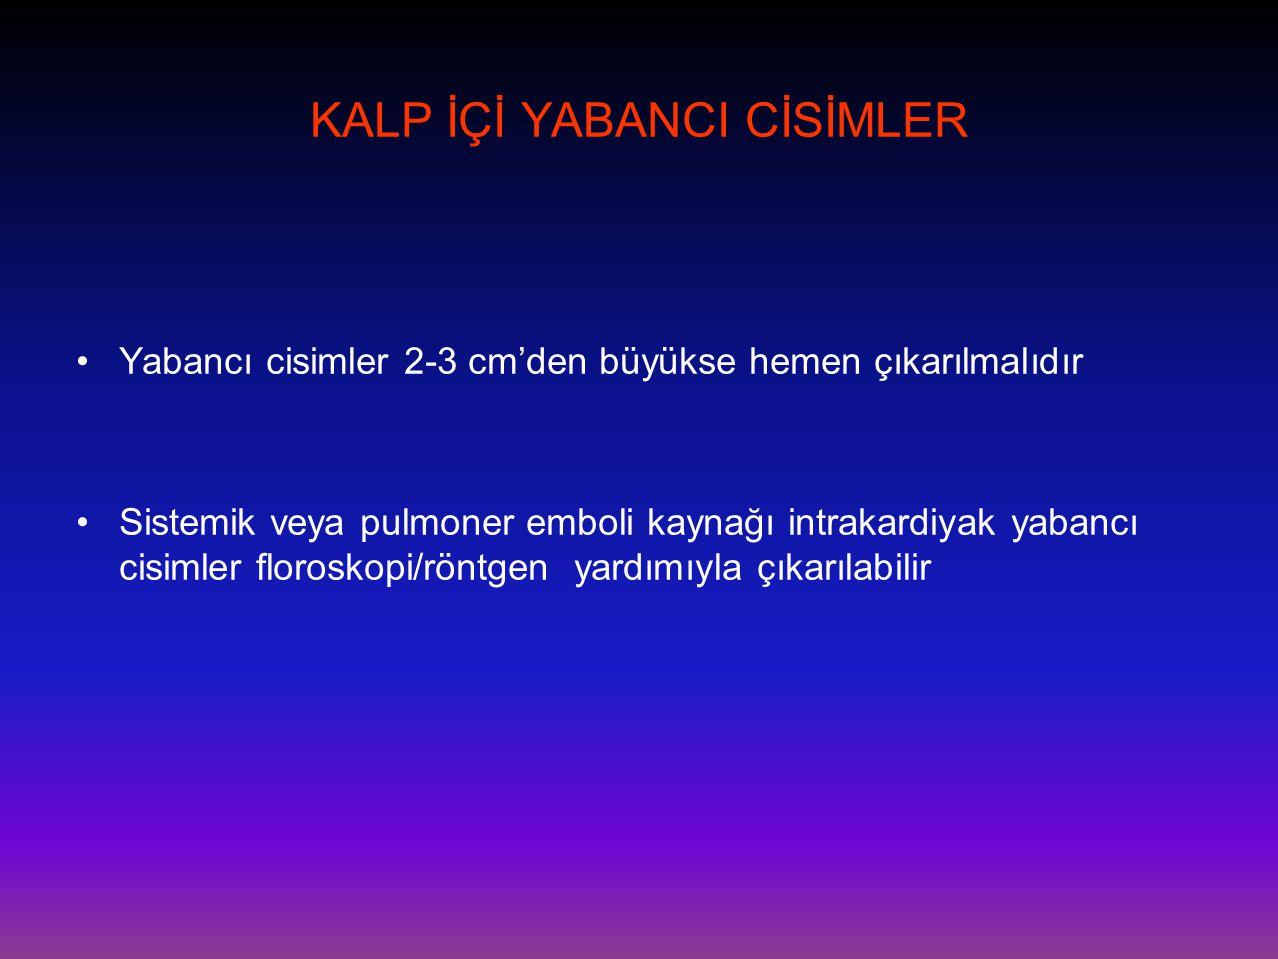 KALP İÇİ YABANCI CİSİMLER